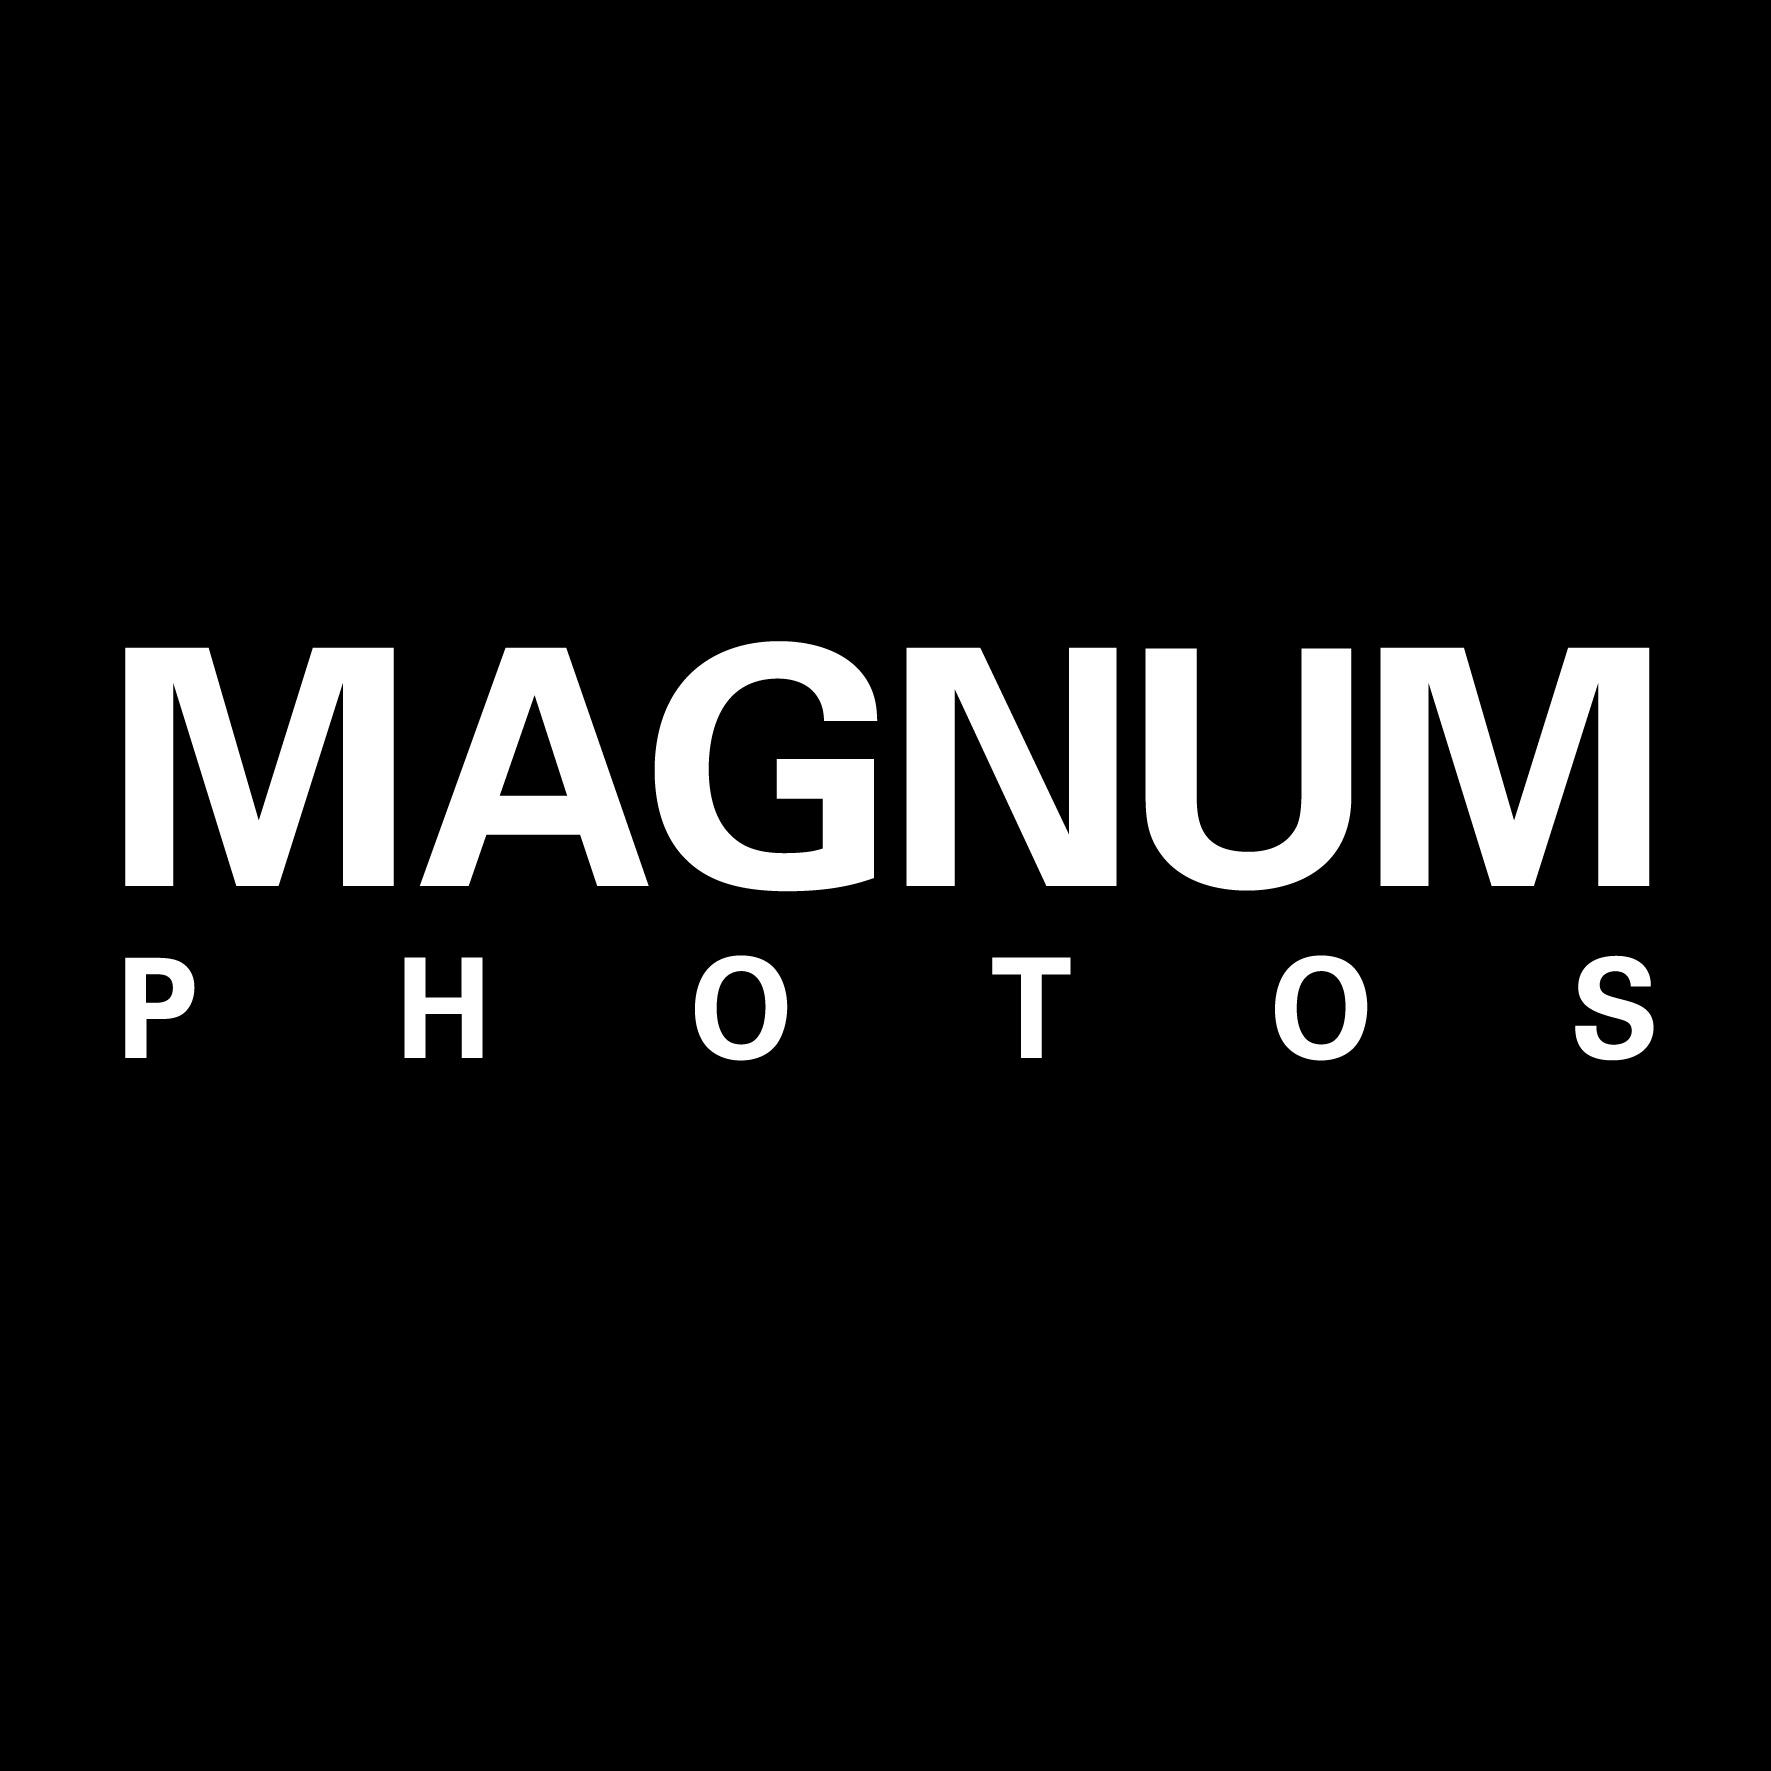 MAG_LOGO.jpg